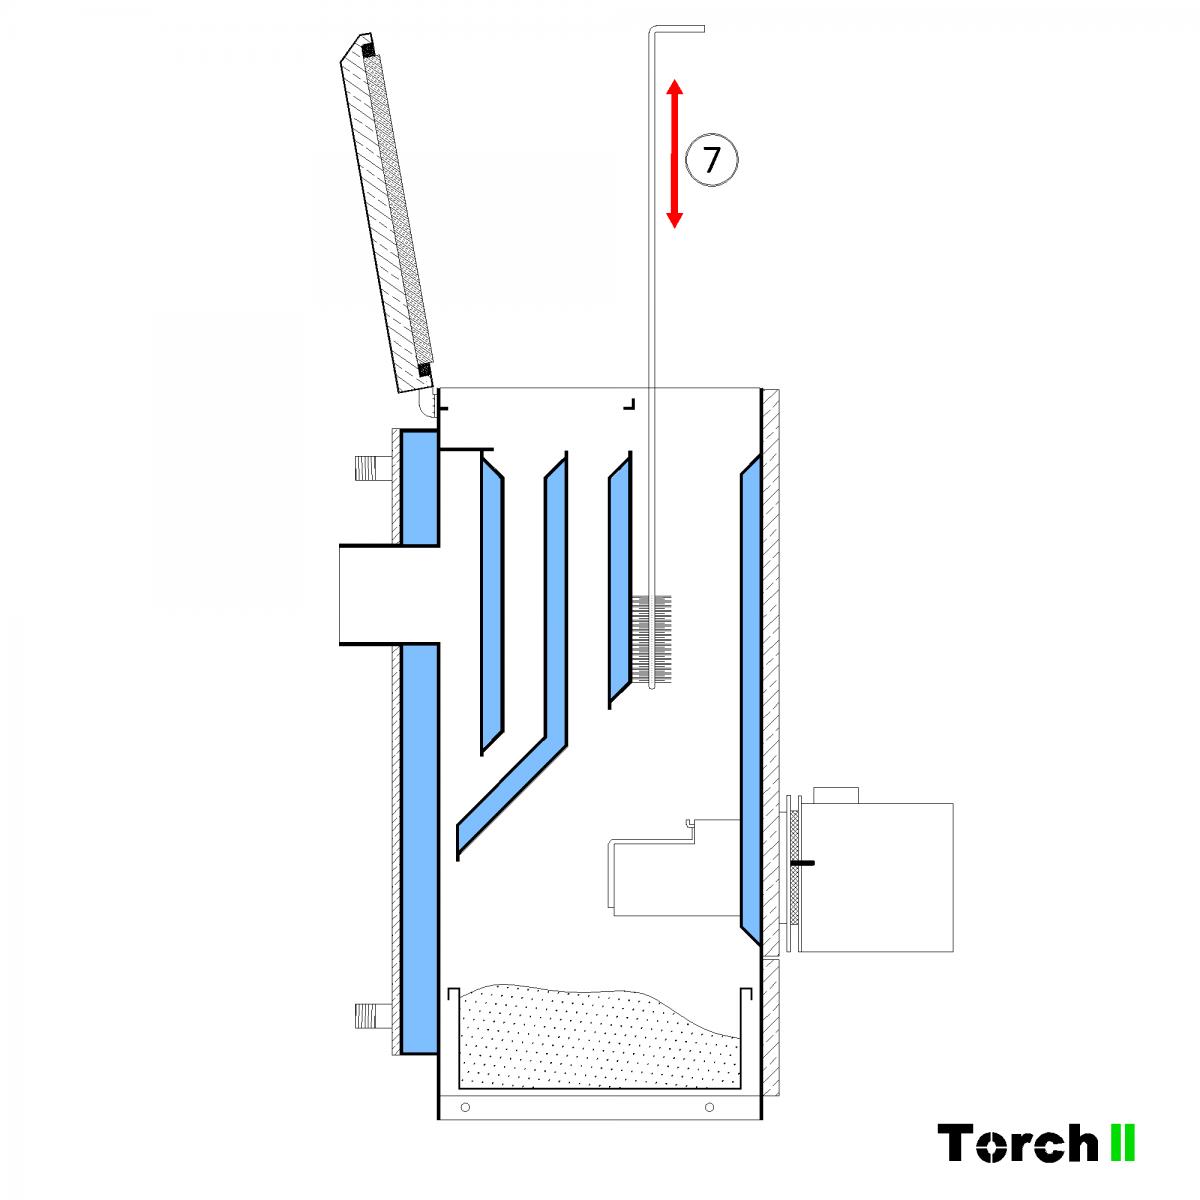 Почистване на пелетен котел Torch II - стъпка 7